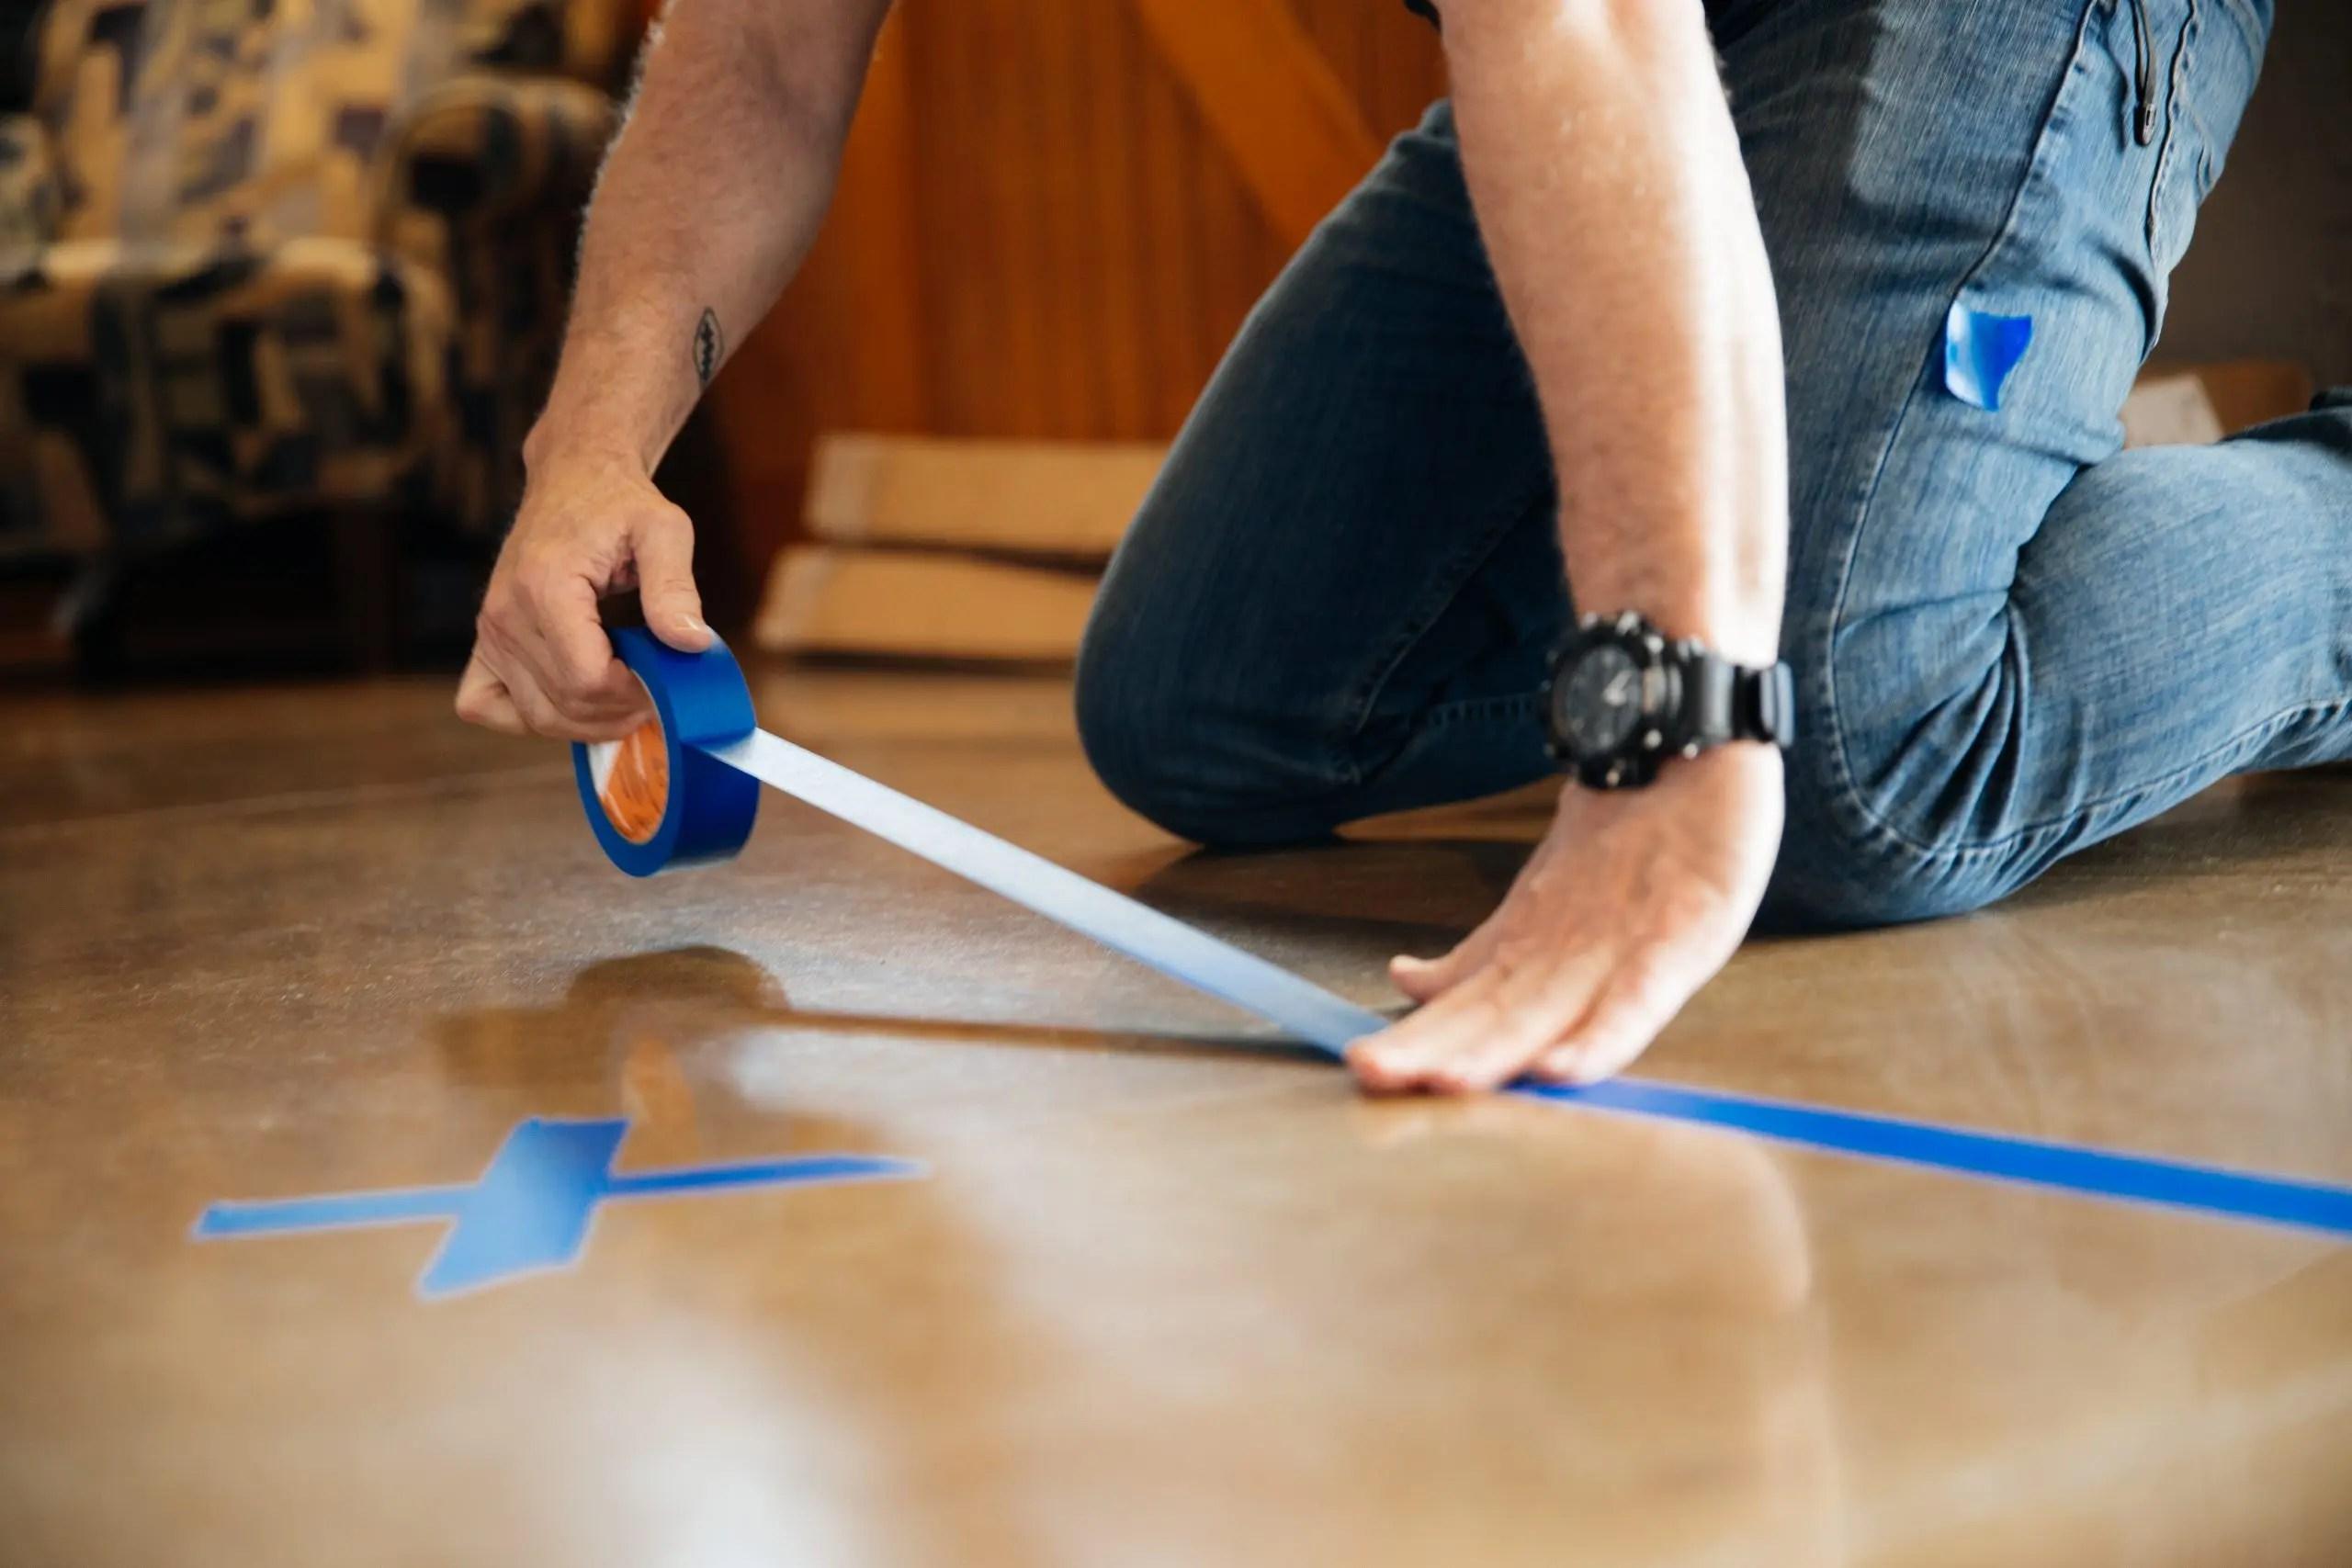 Blue Painters Social Distancing